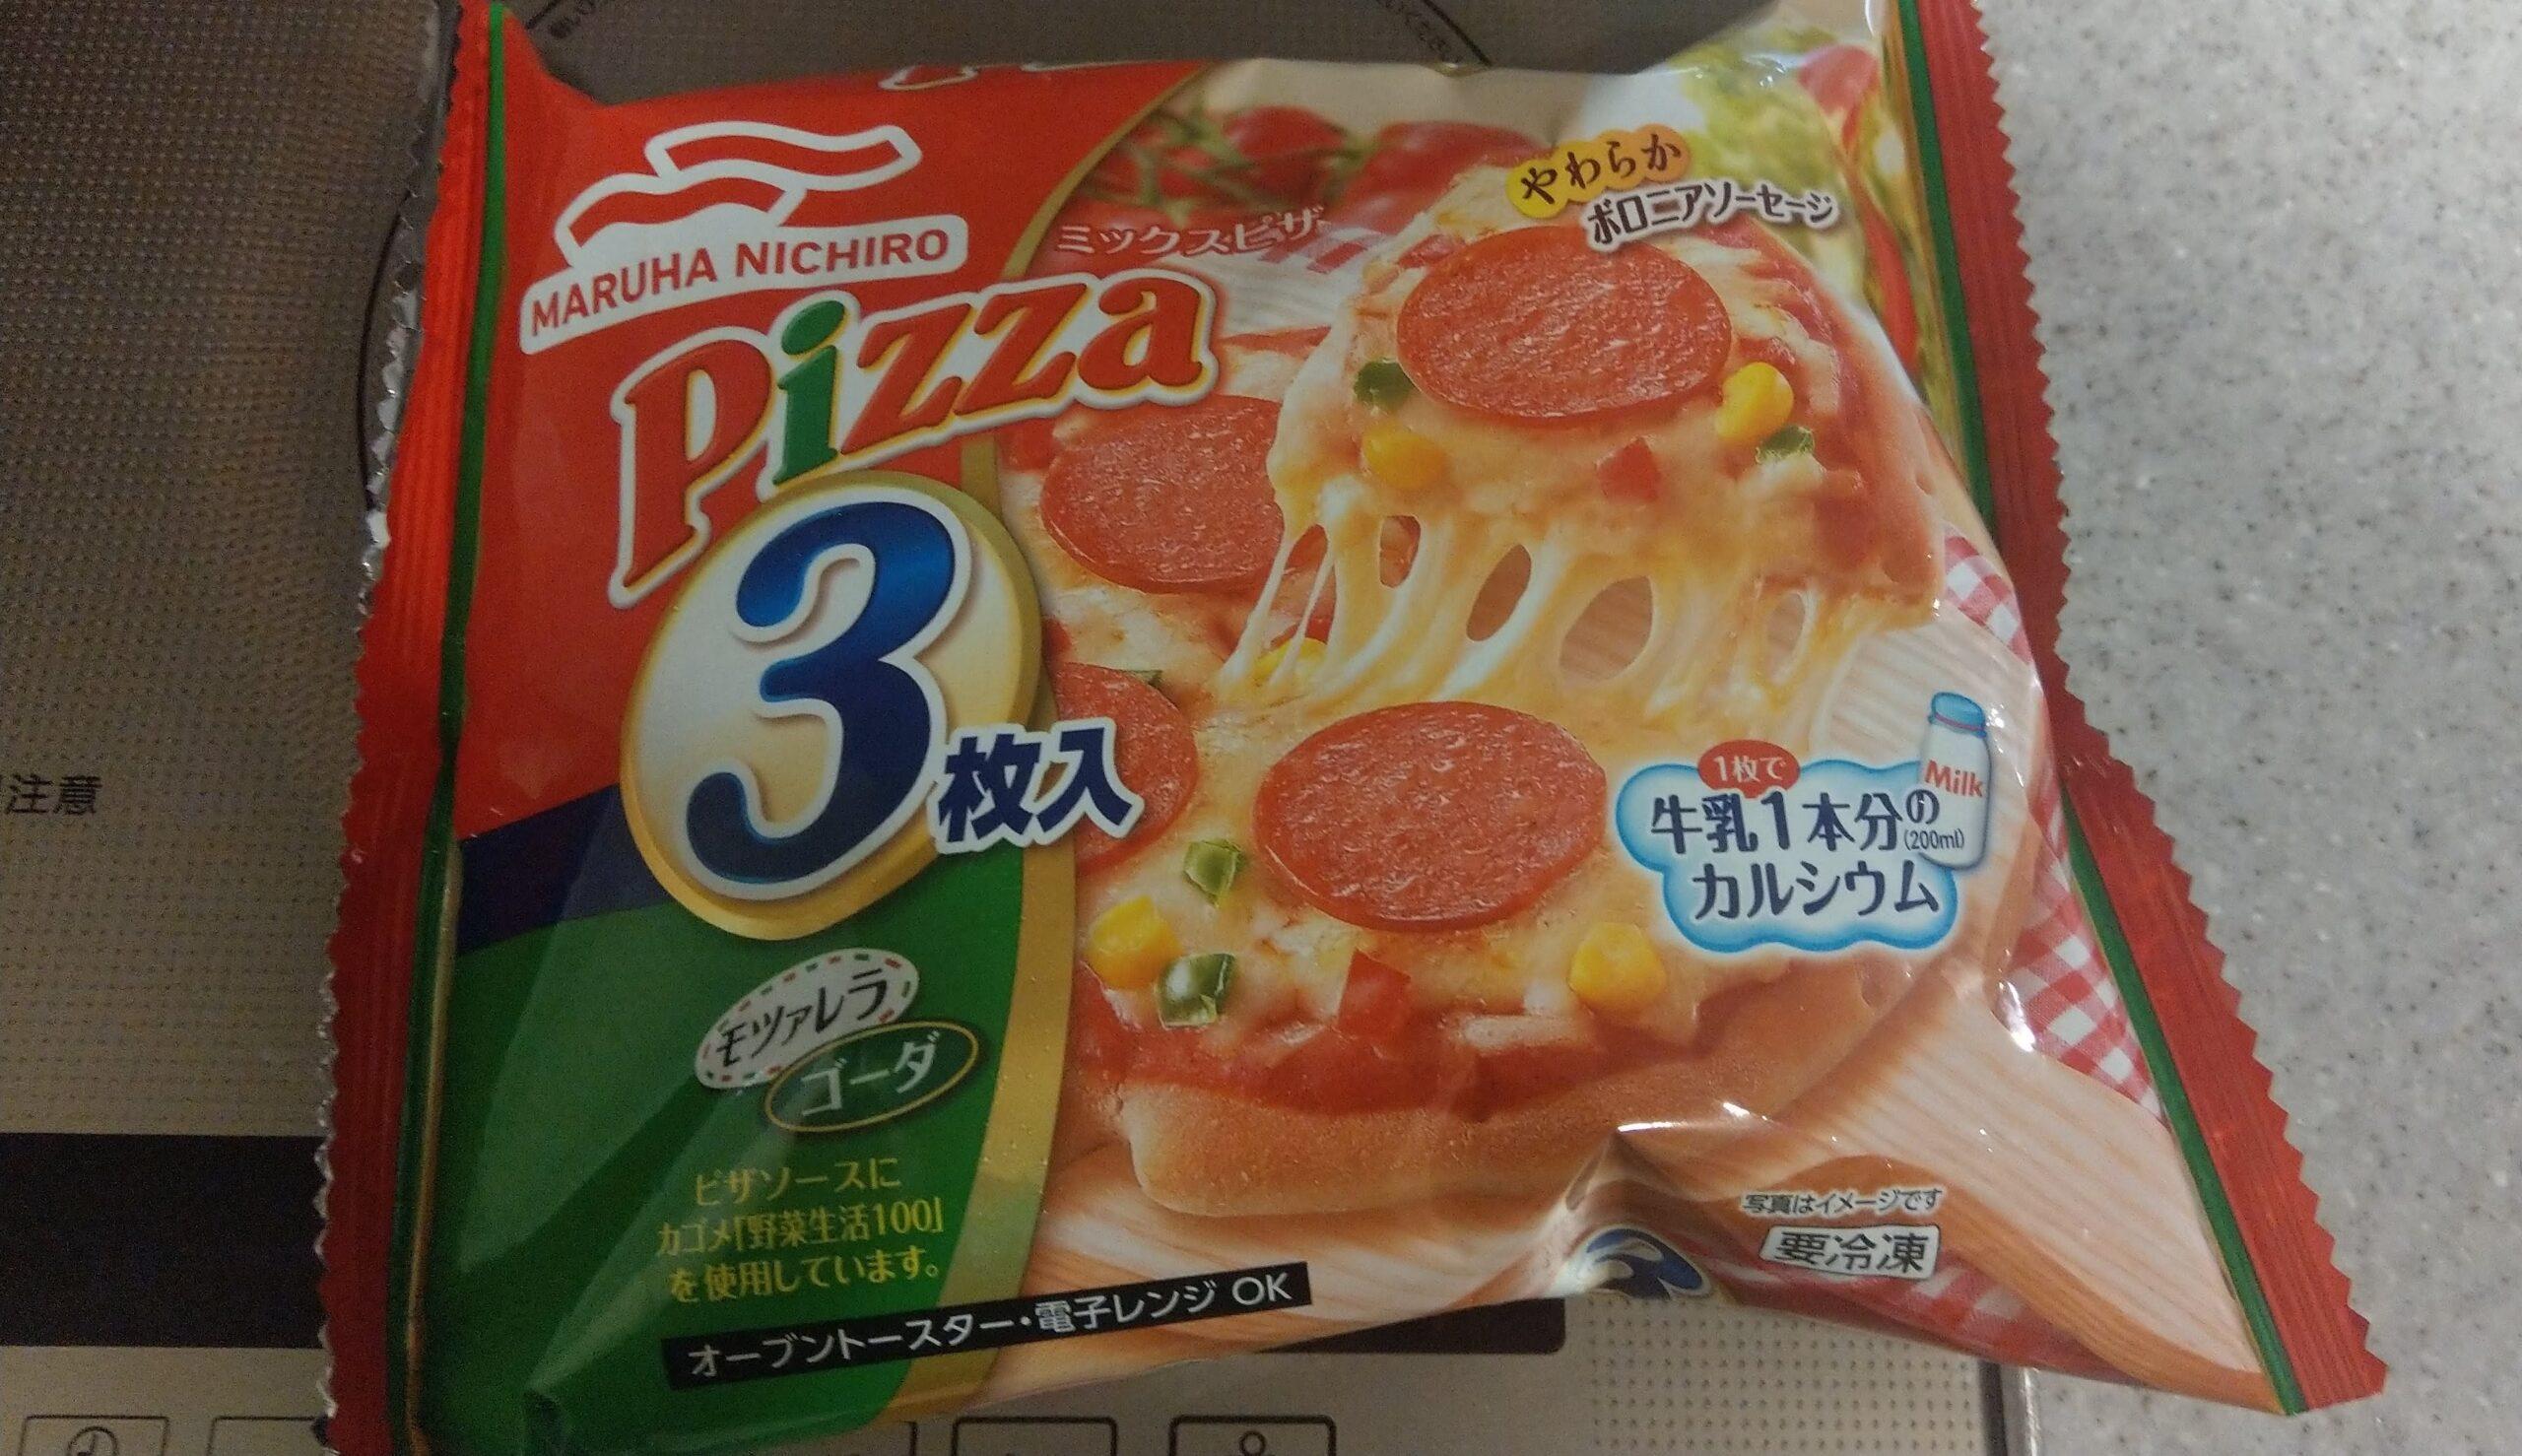 マルハニチロの冷凍ピザ